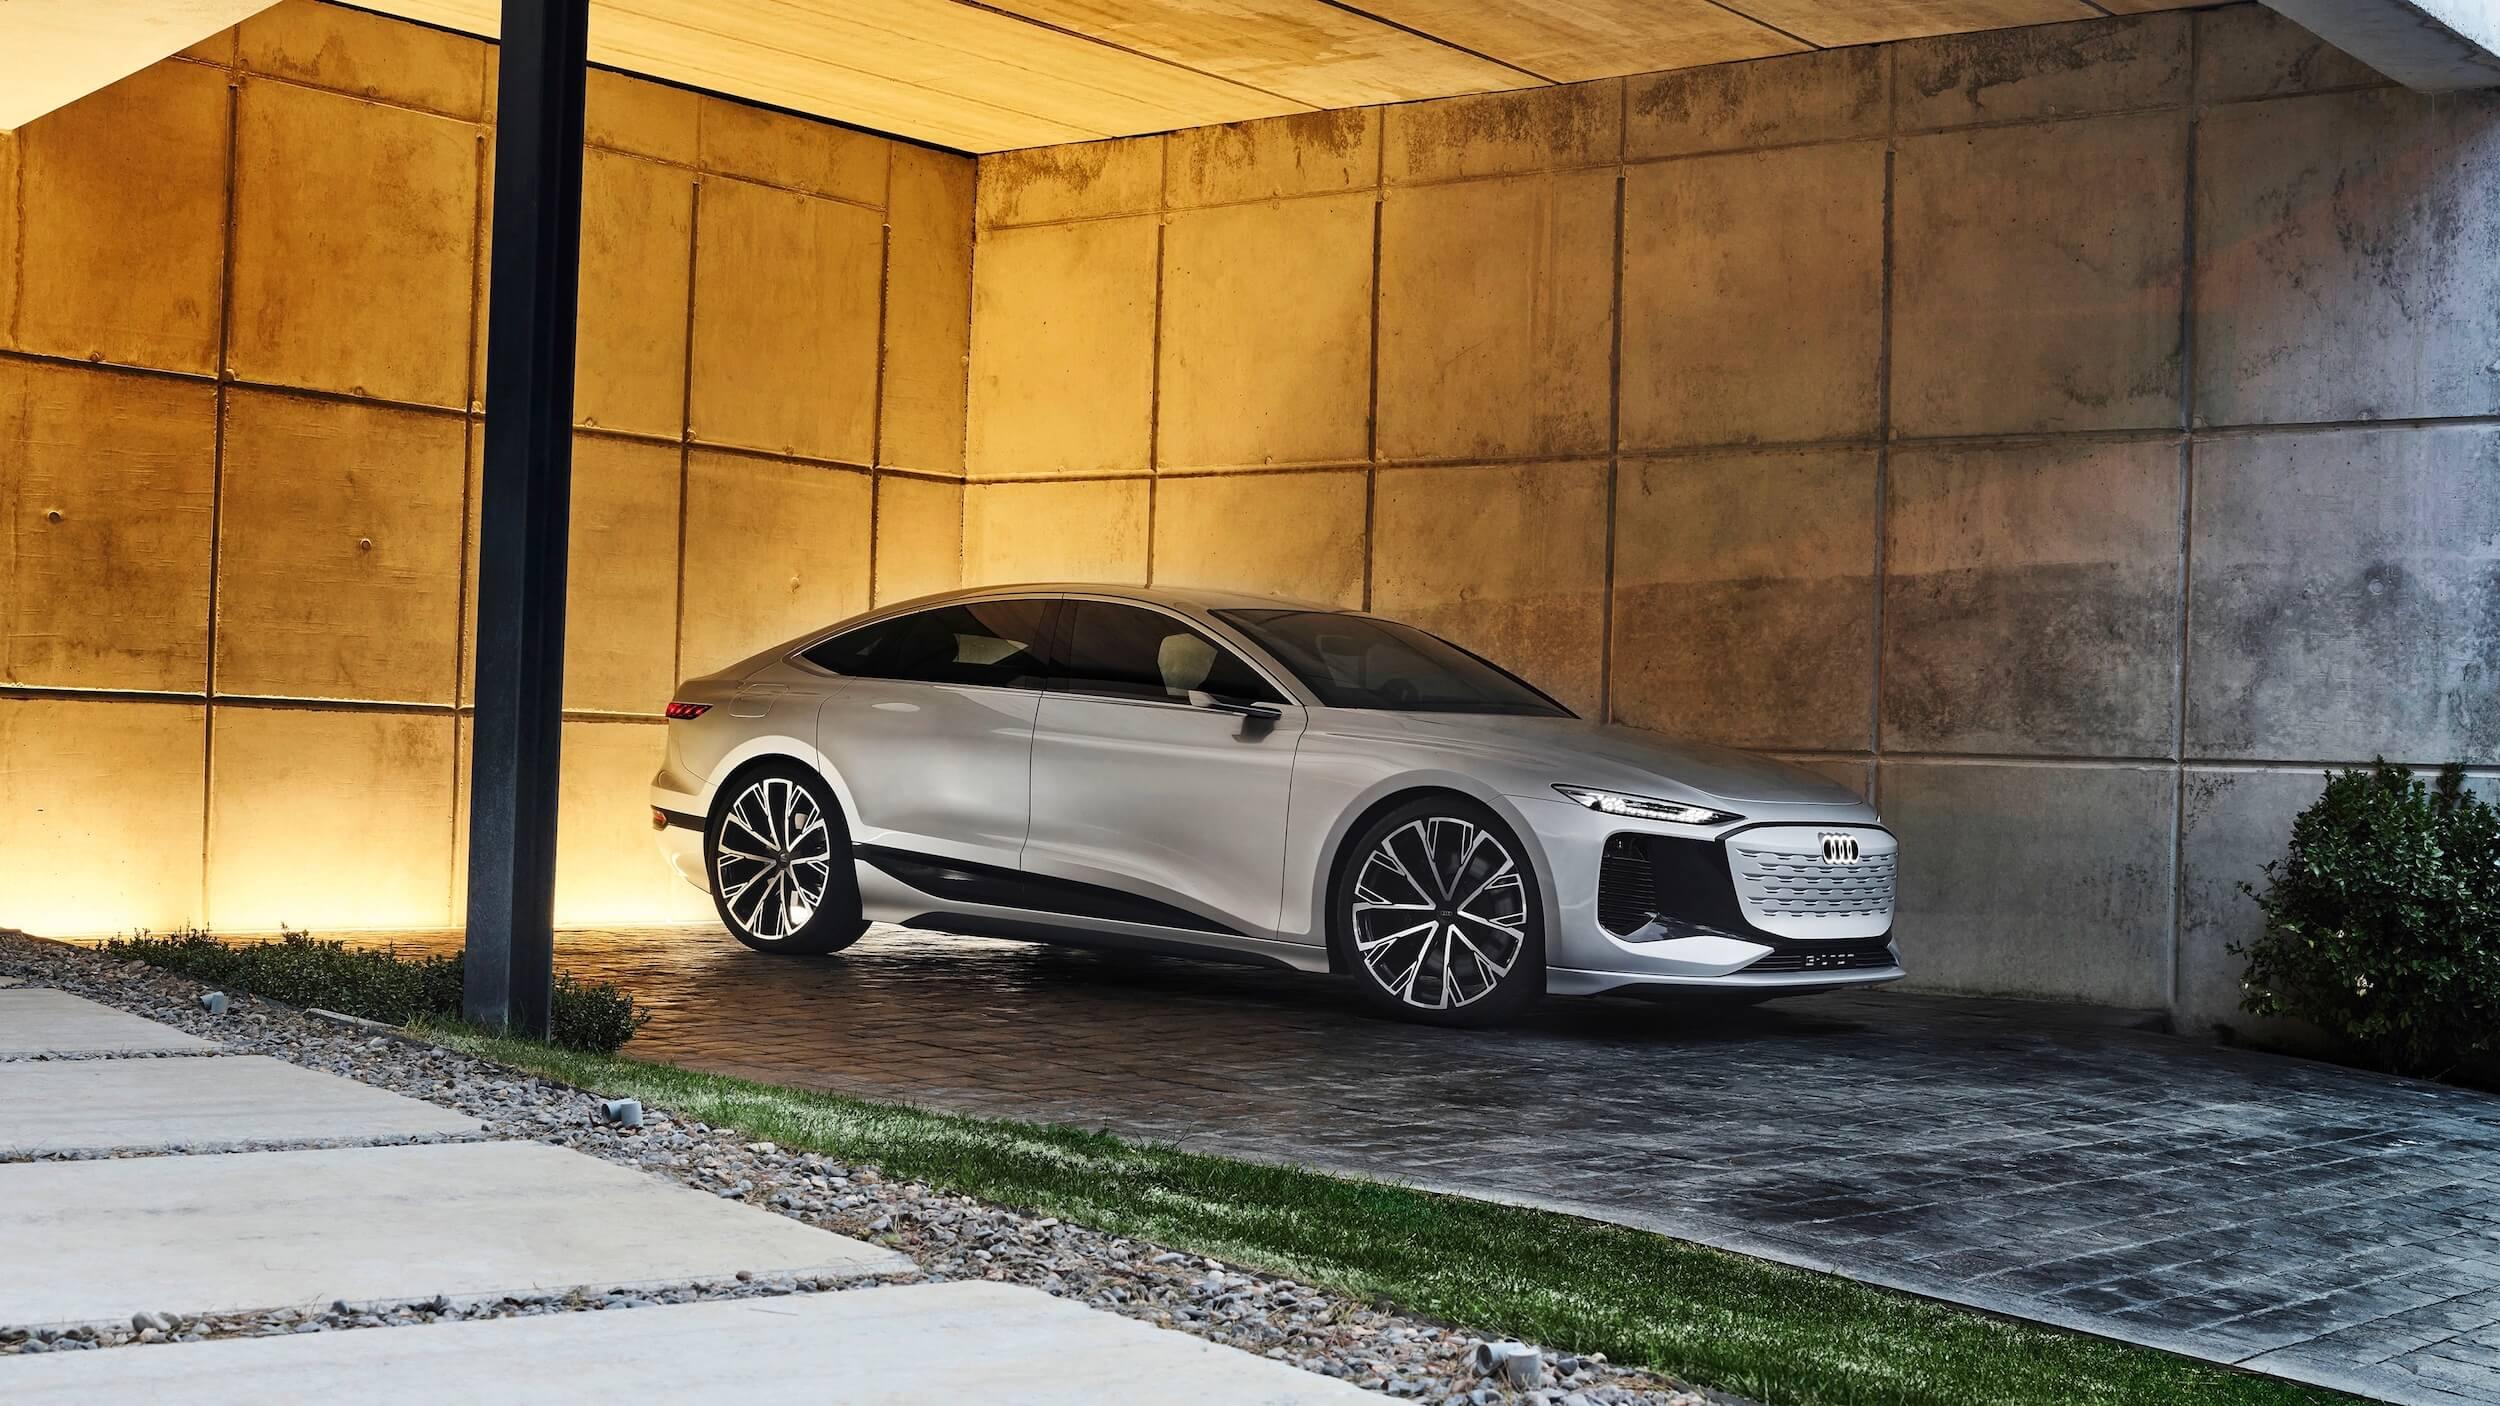 Audi A6 e tron in fancy garage